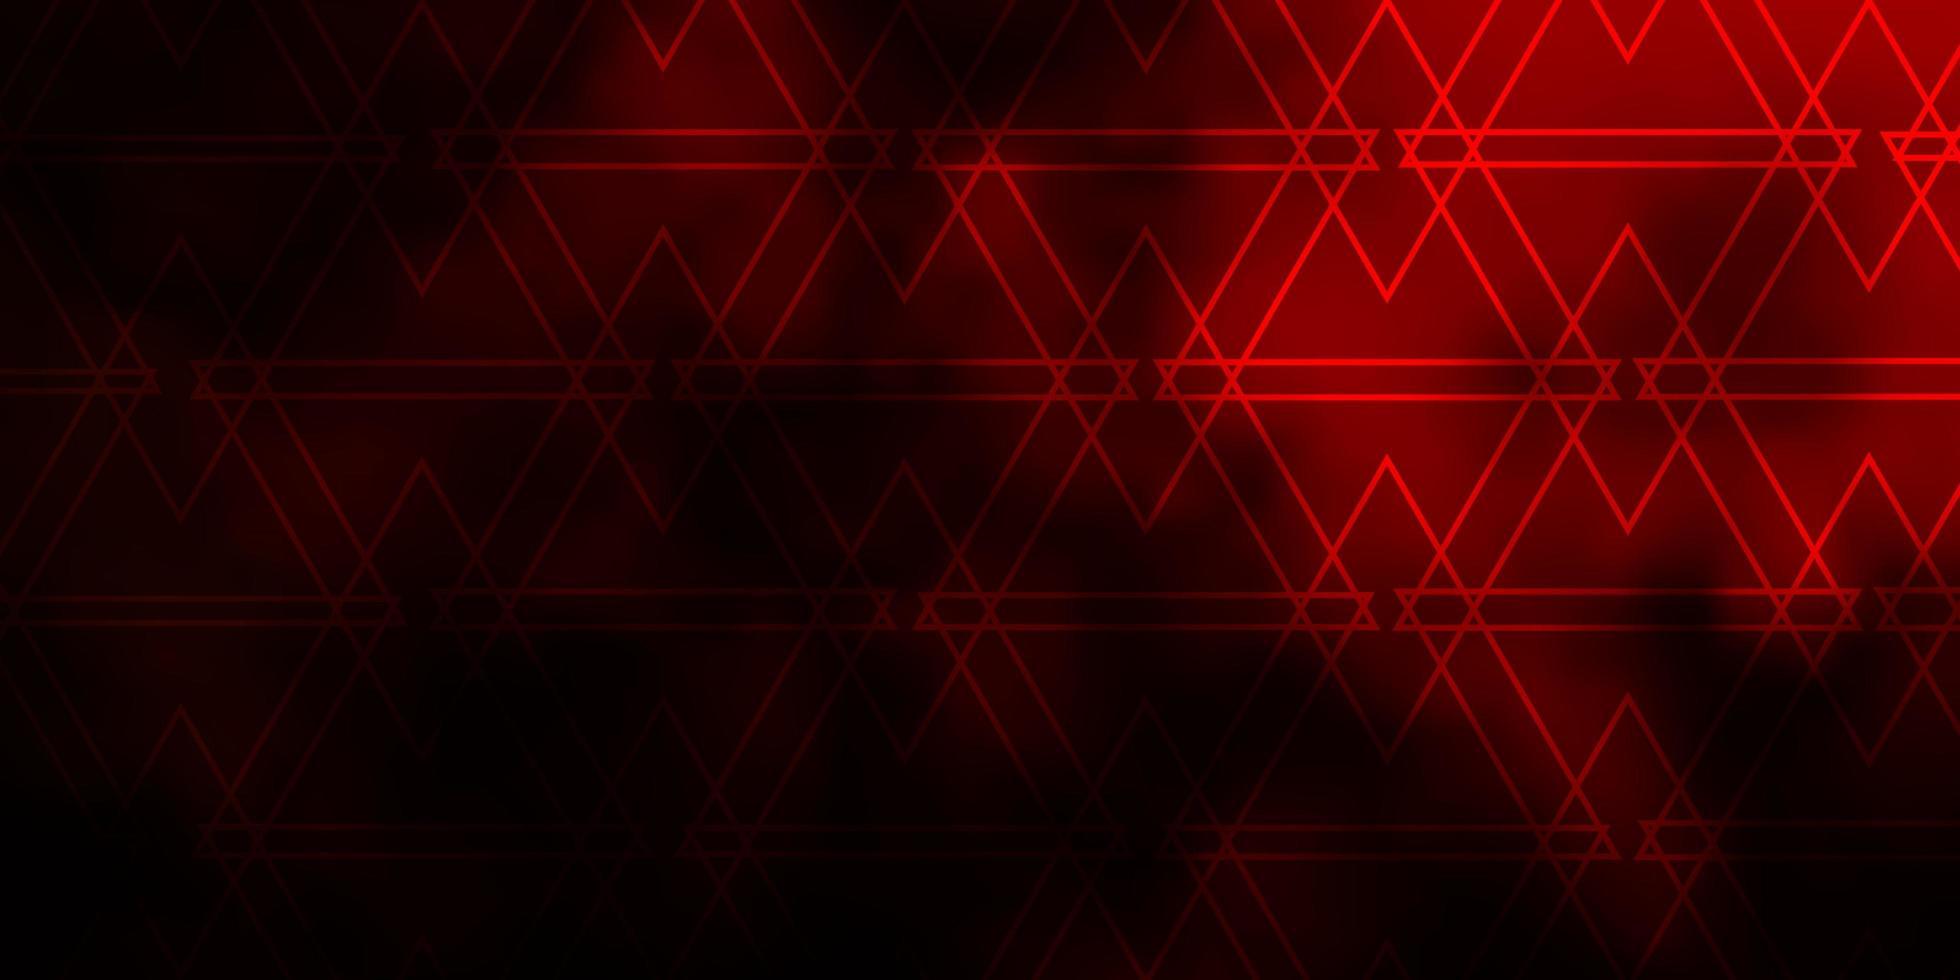 fundo vector vermelho escuro com estilo poligonal.